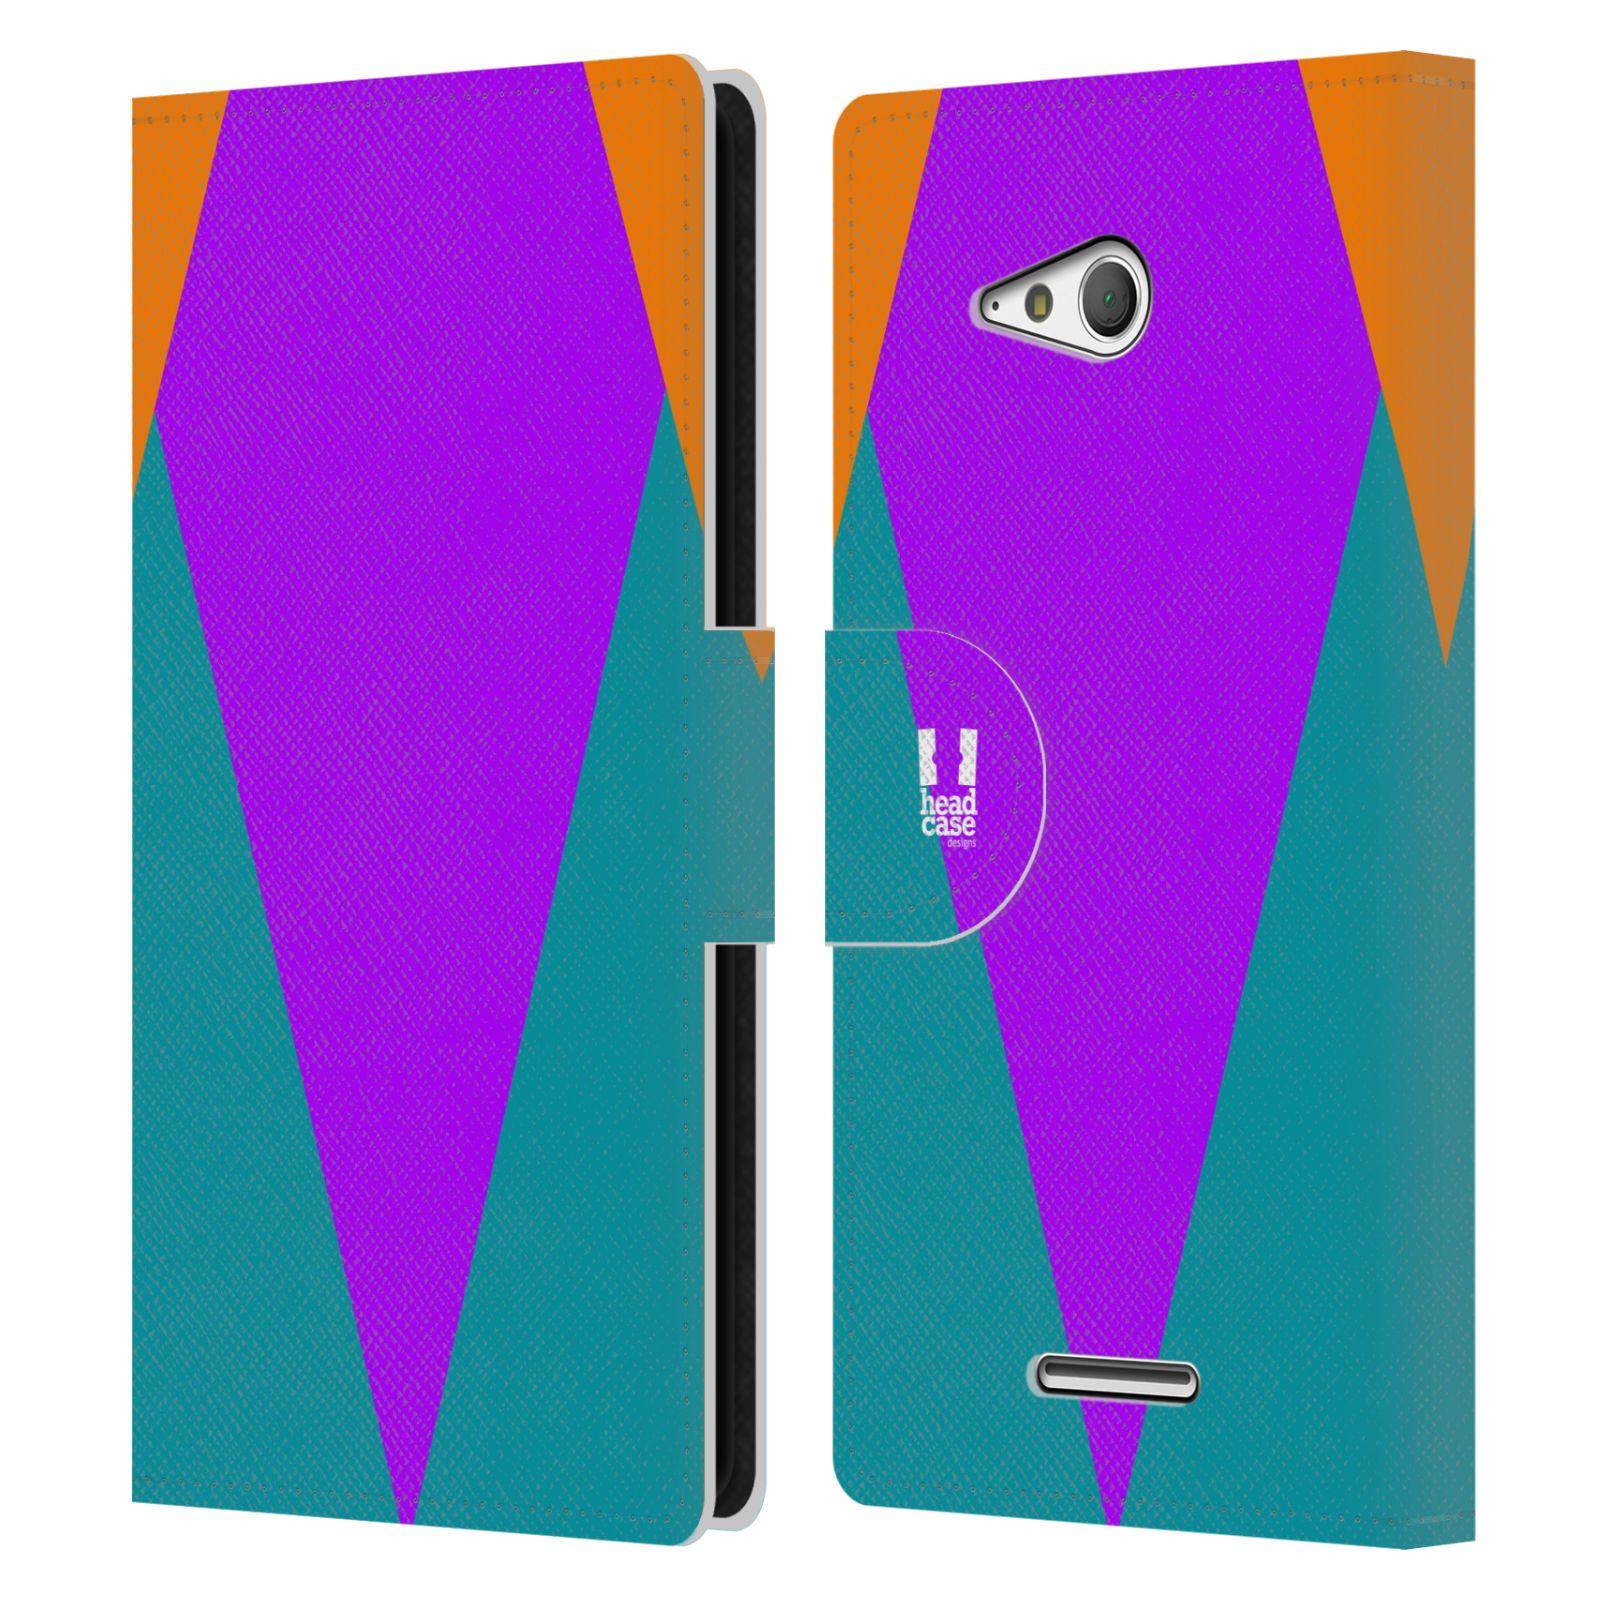 HEAD CASE Flipové pouzdro pro mobil SONY Xperia E4g barevné tvary šipka fialová